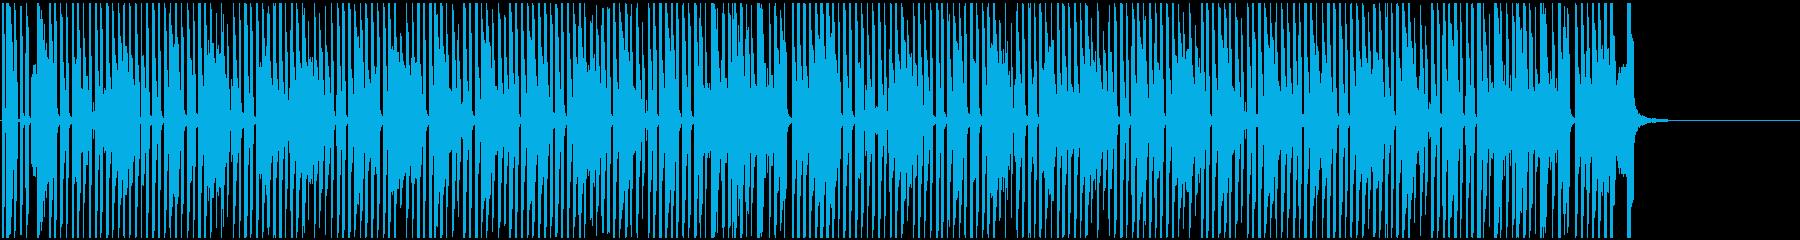 チップチューン 陽気なゲームBGMの再生済みの波形